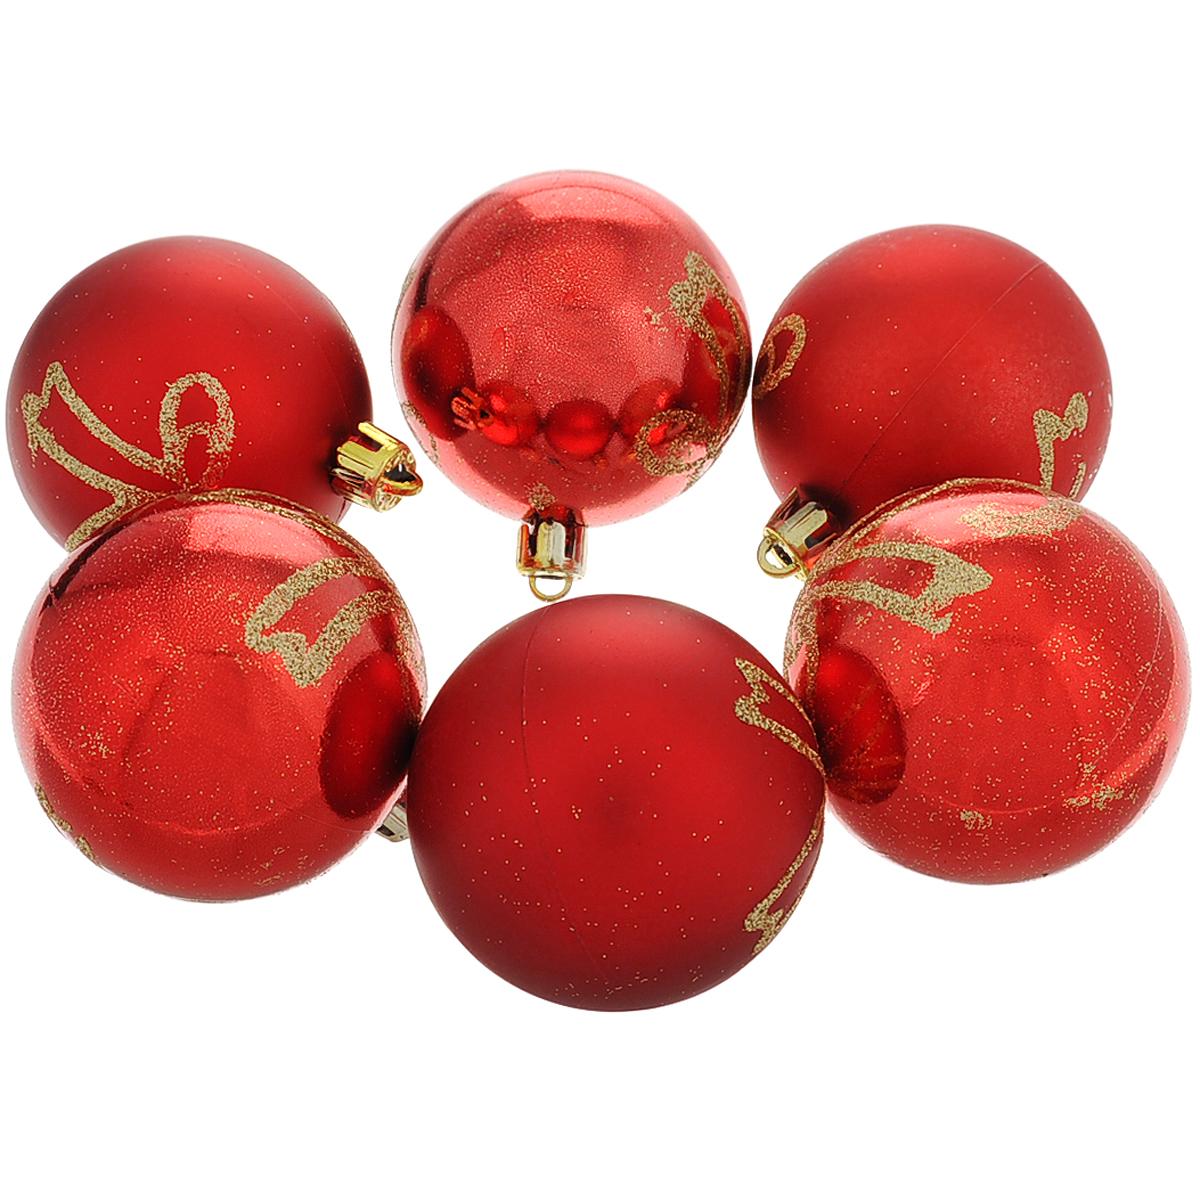 Набор новогодних подвесных украшений Шар, цвет: красный, золотистый, диаметр 6 см, 6 шт. 3551135511Набор новогодних подвесных украшений Шар прекрасно подойдет для праздничного декора новогодней ели. Состоит из шести шаров. Елочная игрушка - символ Нового года. Она несет в себе волшебство и красоту праздника. Создайте в своем доме атмосферу веселья и радости, украшая новогоднюю елку нарядными игрушками, которые будут из года в год накапливать теплоту воспоминаний. Коллекция декоративных украшений принесет в ваш дом ни с чем несравнимое ощущение волшебства! Откройте для себя удивительный мир сказок и грез. Почувствуйте волшебные минуты ожидания праздника, создайте новогоднее настроение вашим дорогим и близким.